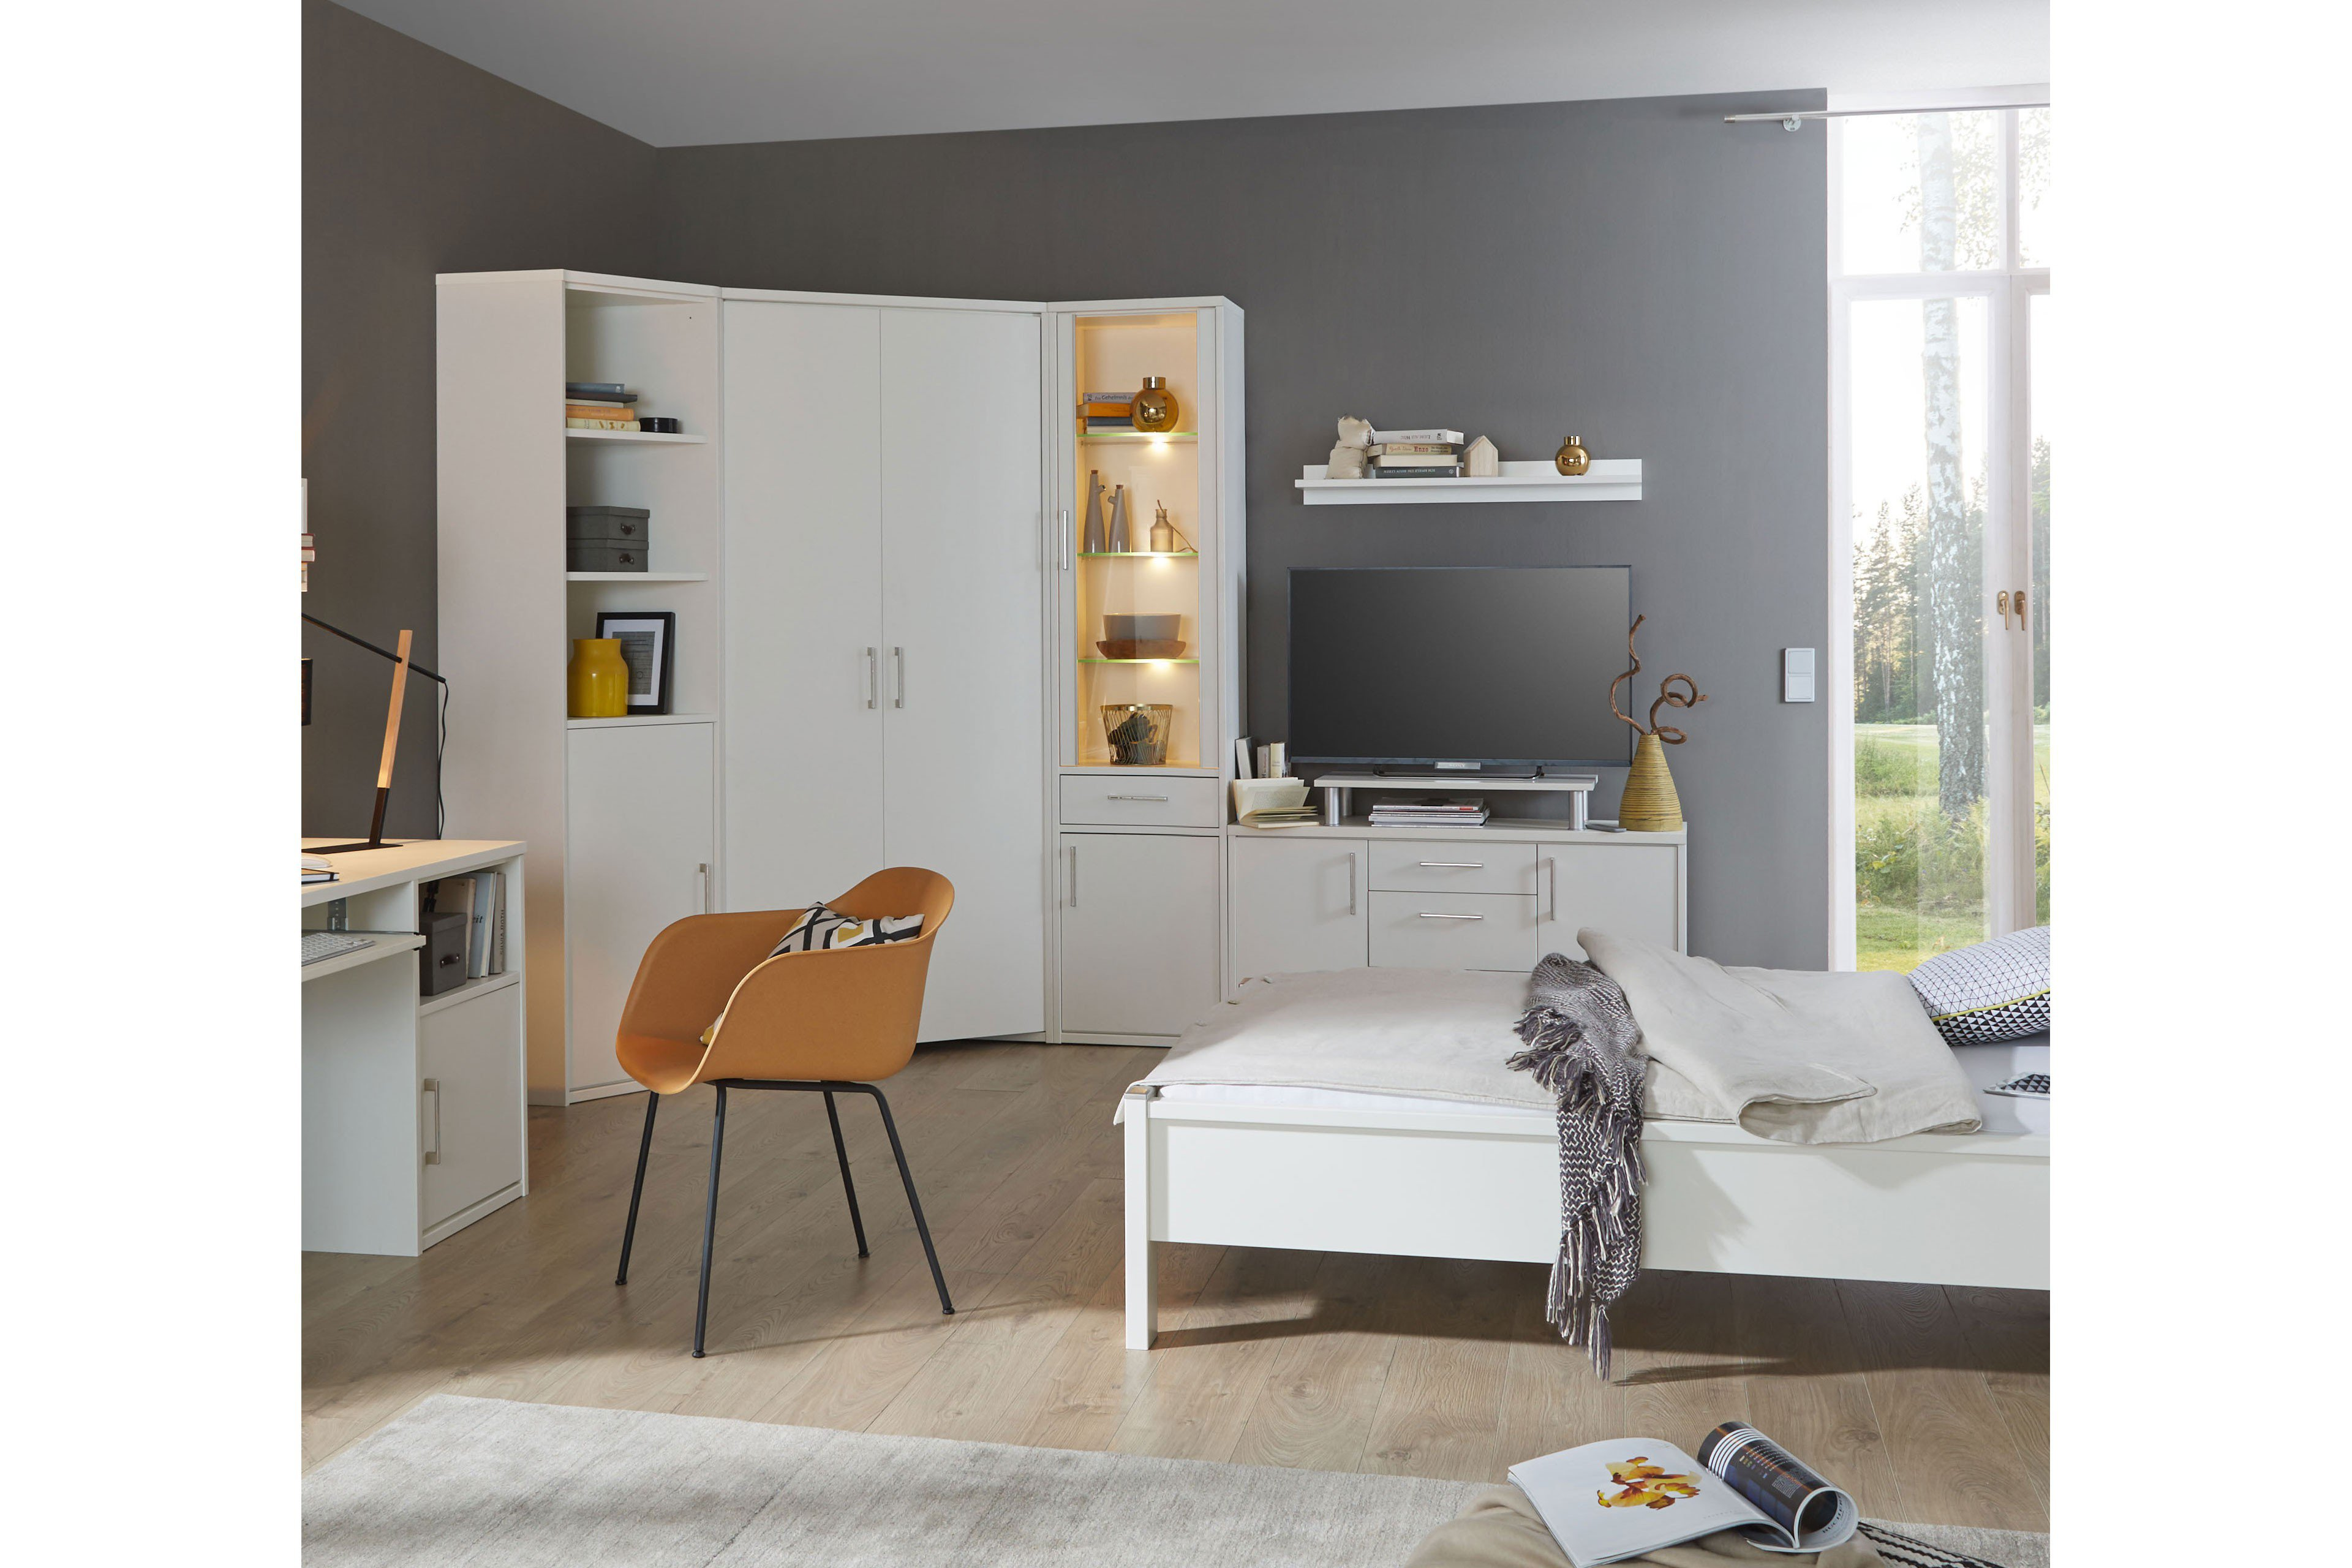 Priess Kleiderschrank Achat lichtweiß| Möbel Letz - Ihr Online-Shop